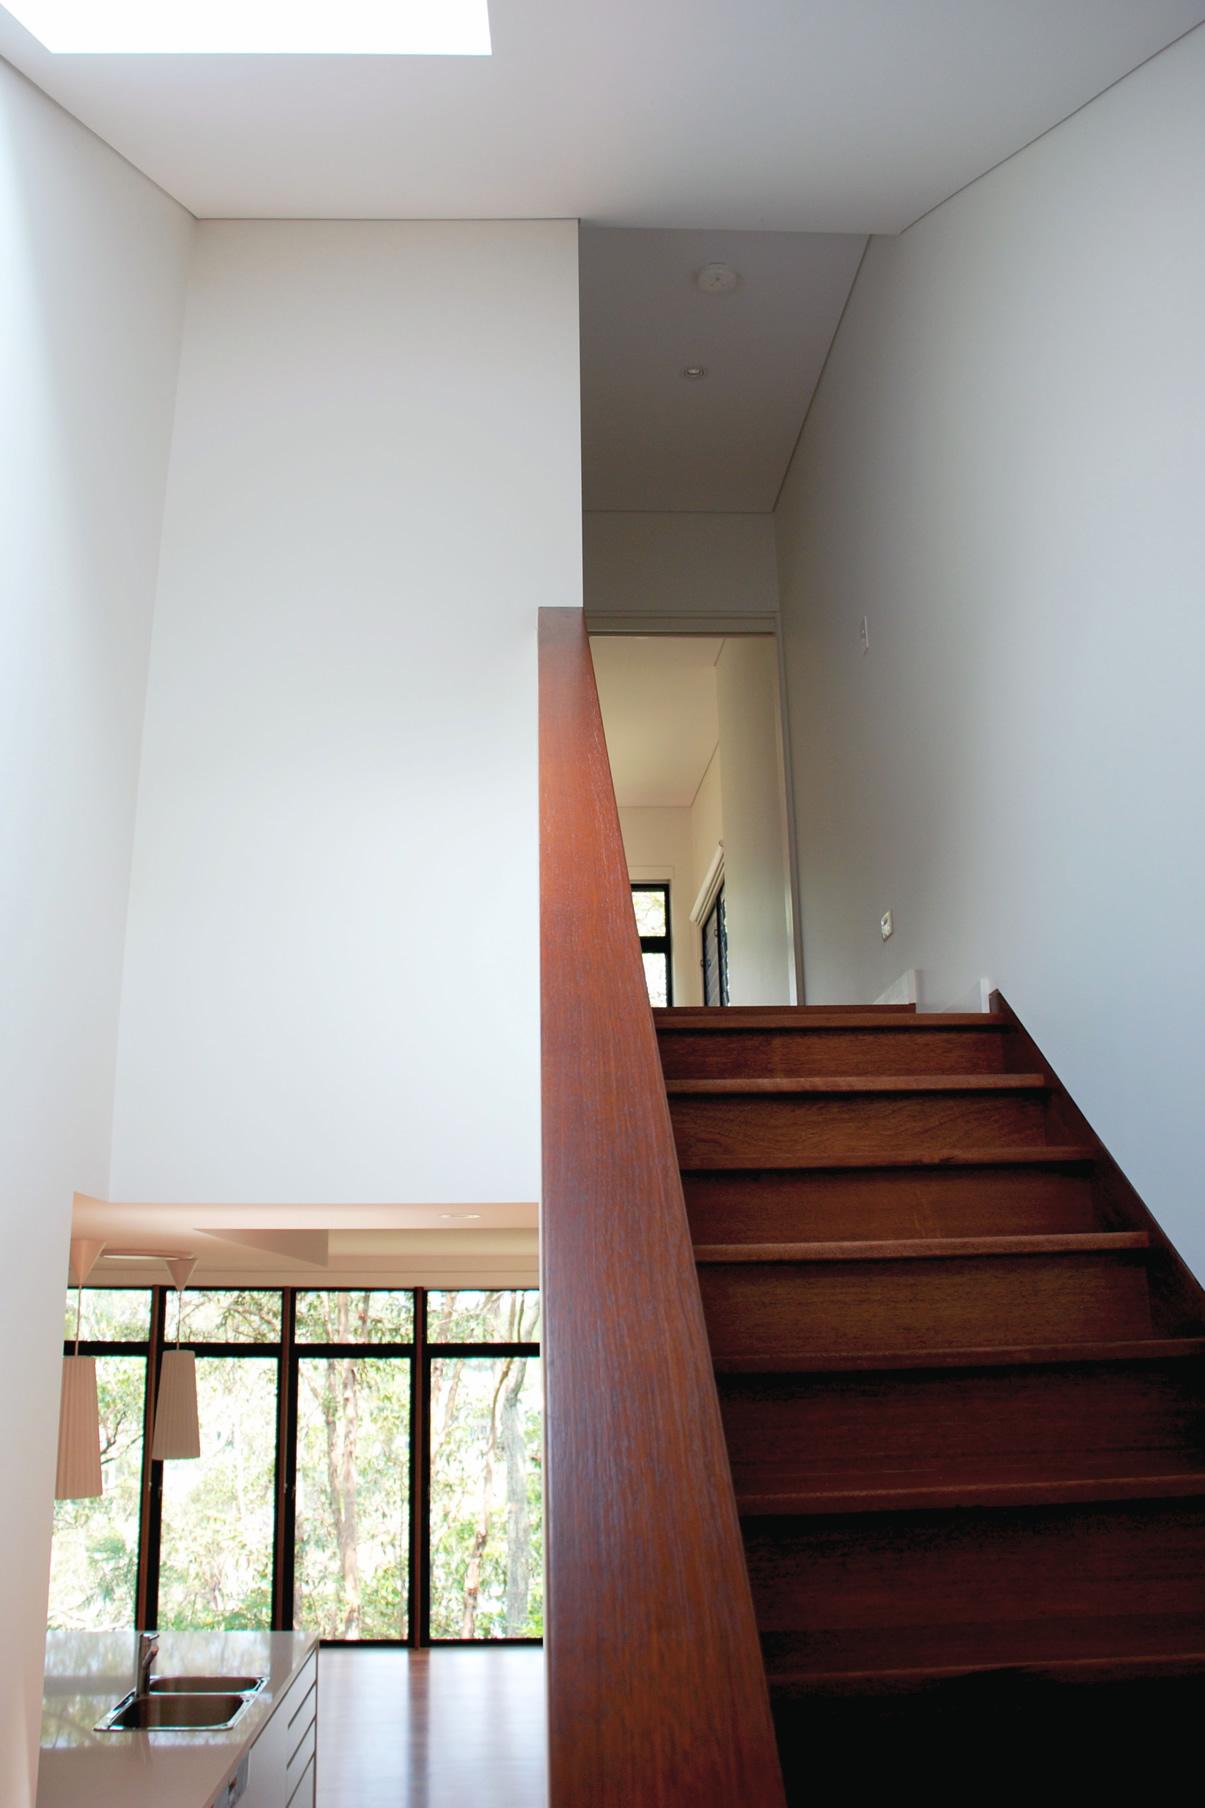 09 - Indooroopilly - 04.jpg